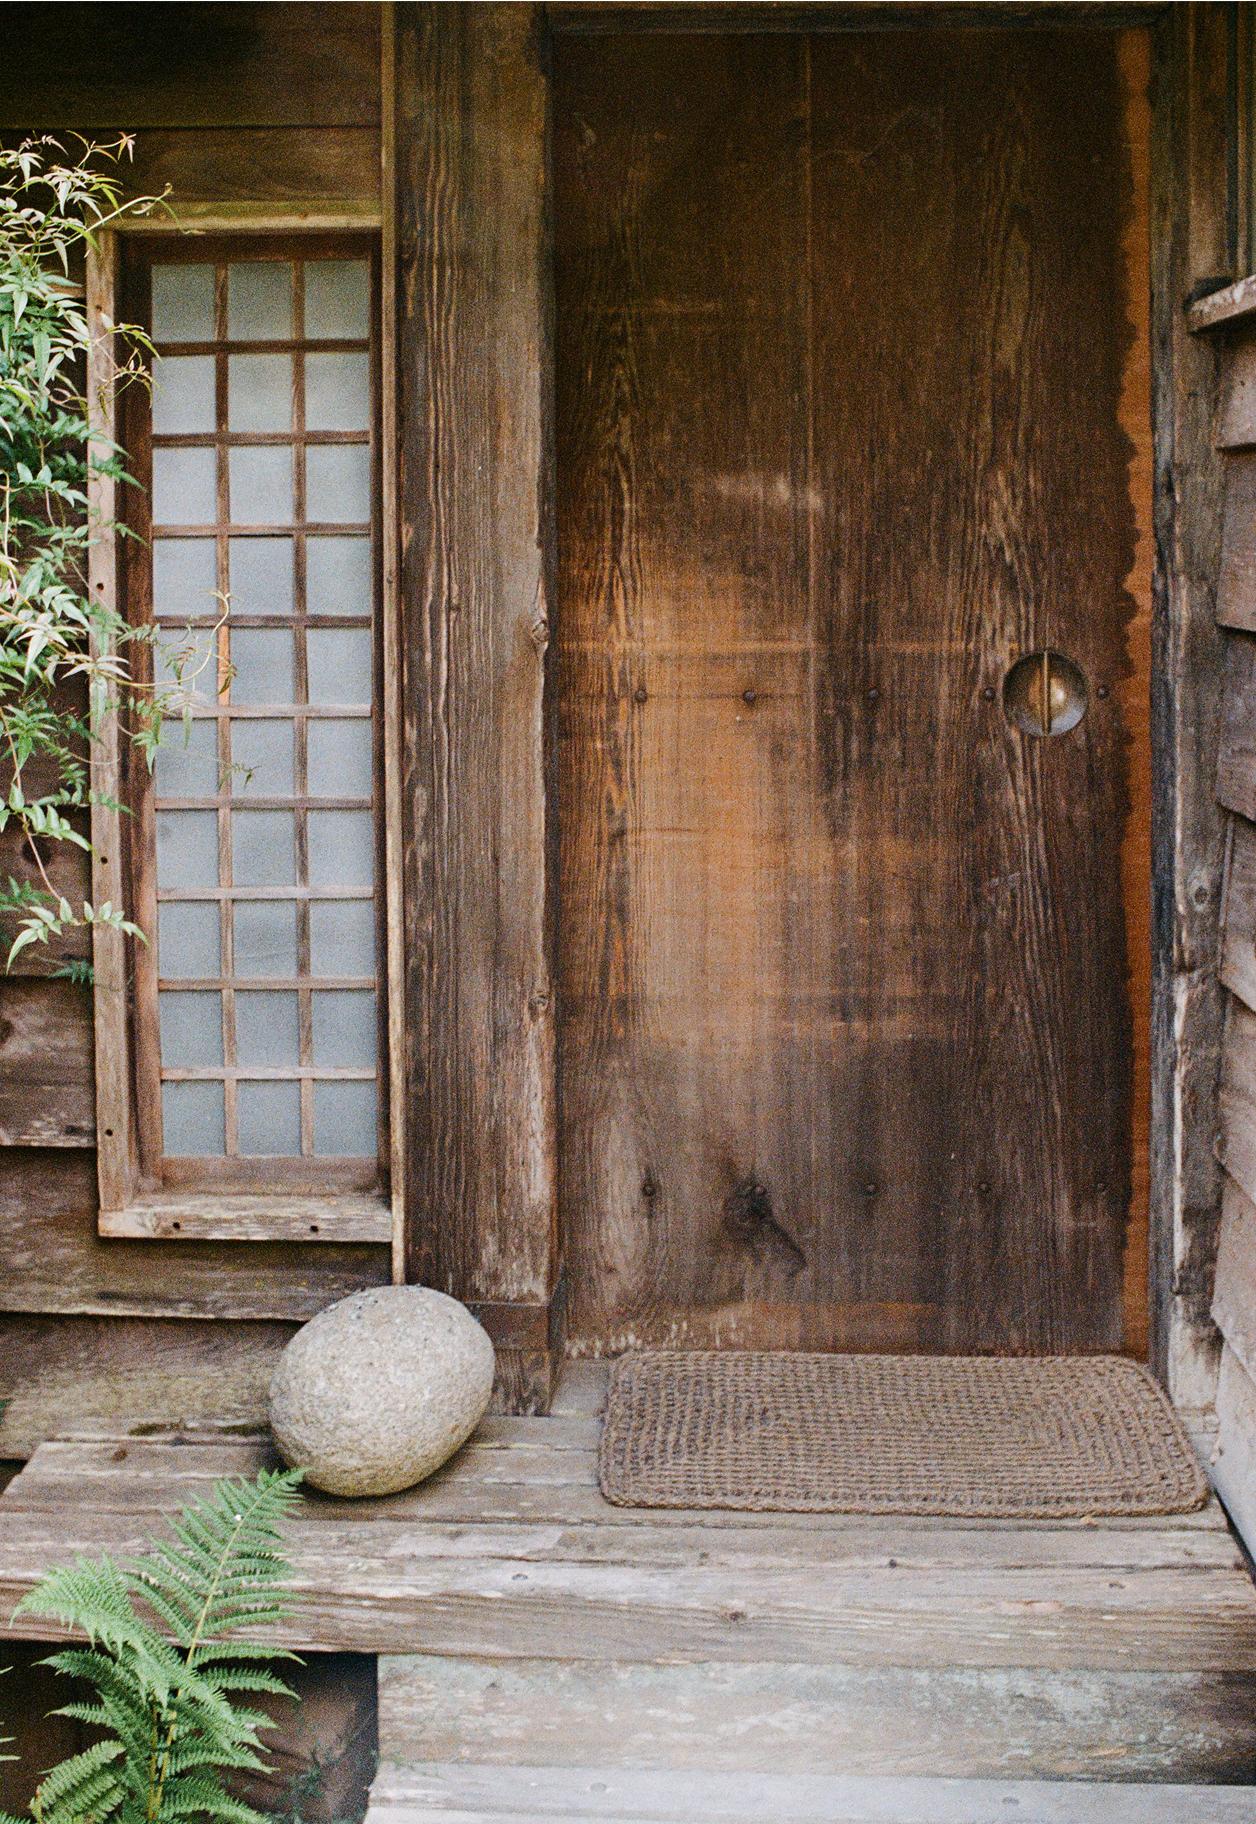 Ext rieur perron porte architecture japonaise bois zen wabi sabi abode in 2019 wabi - Wabi sabi interior design ...